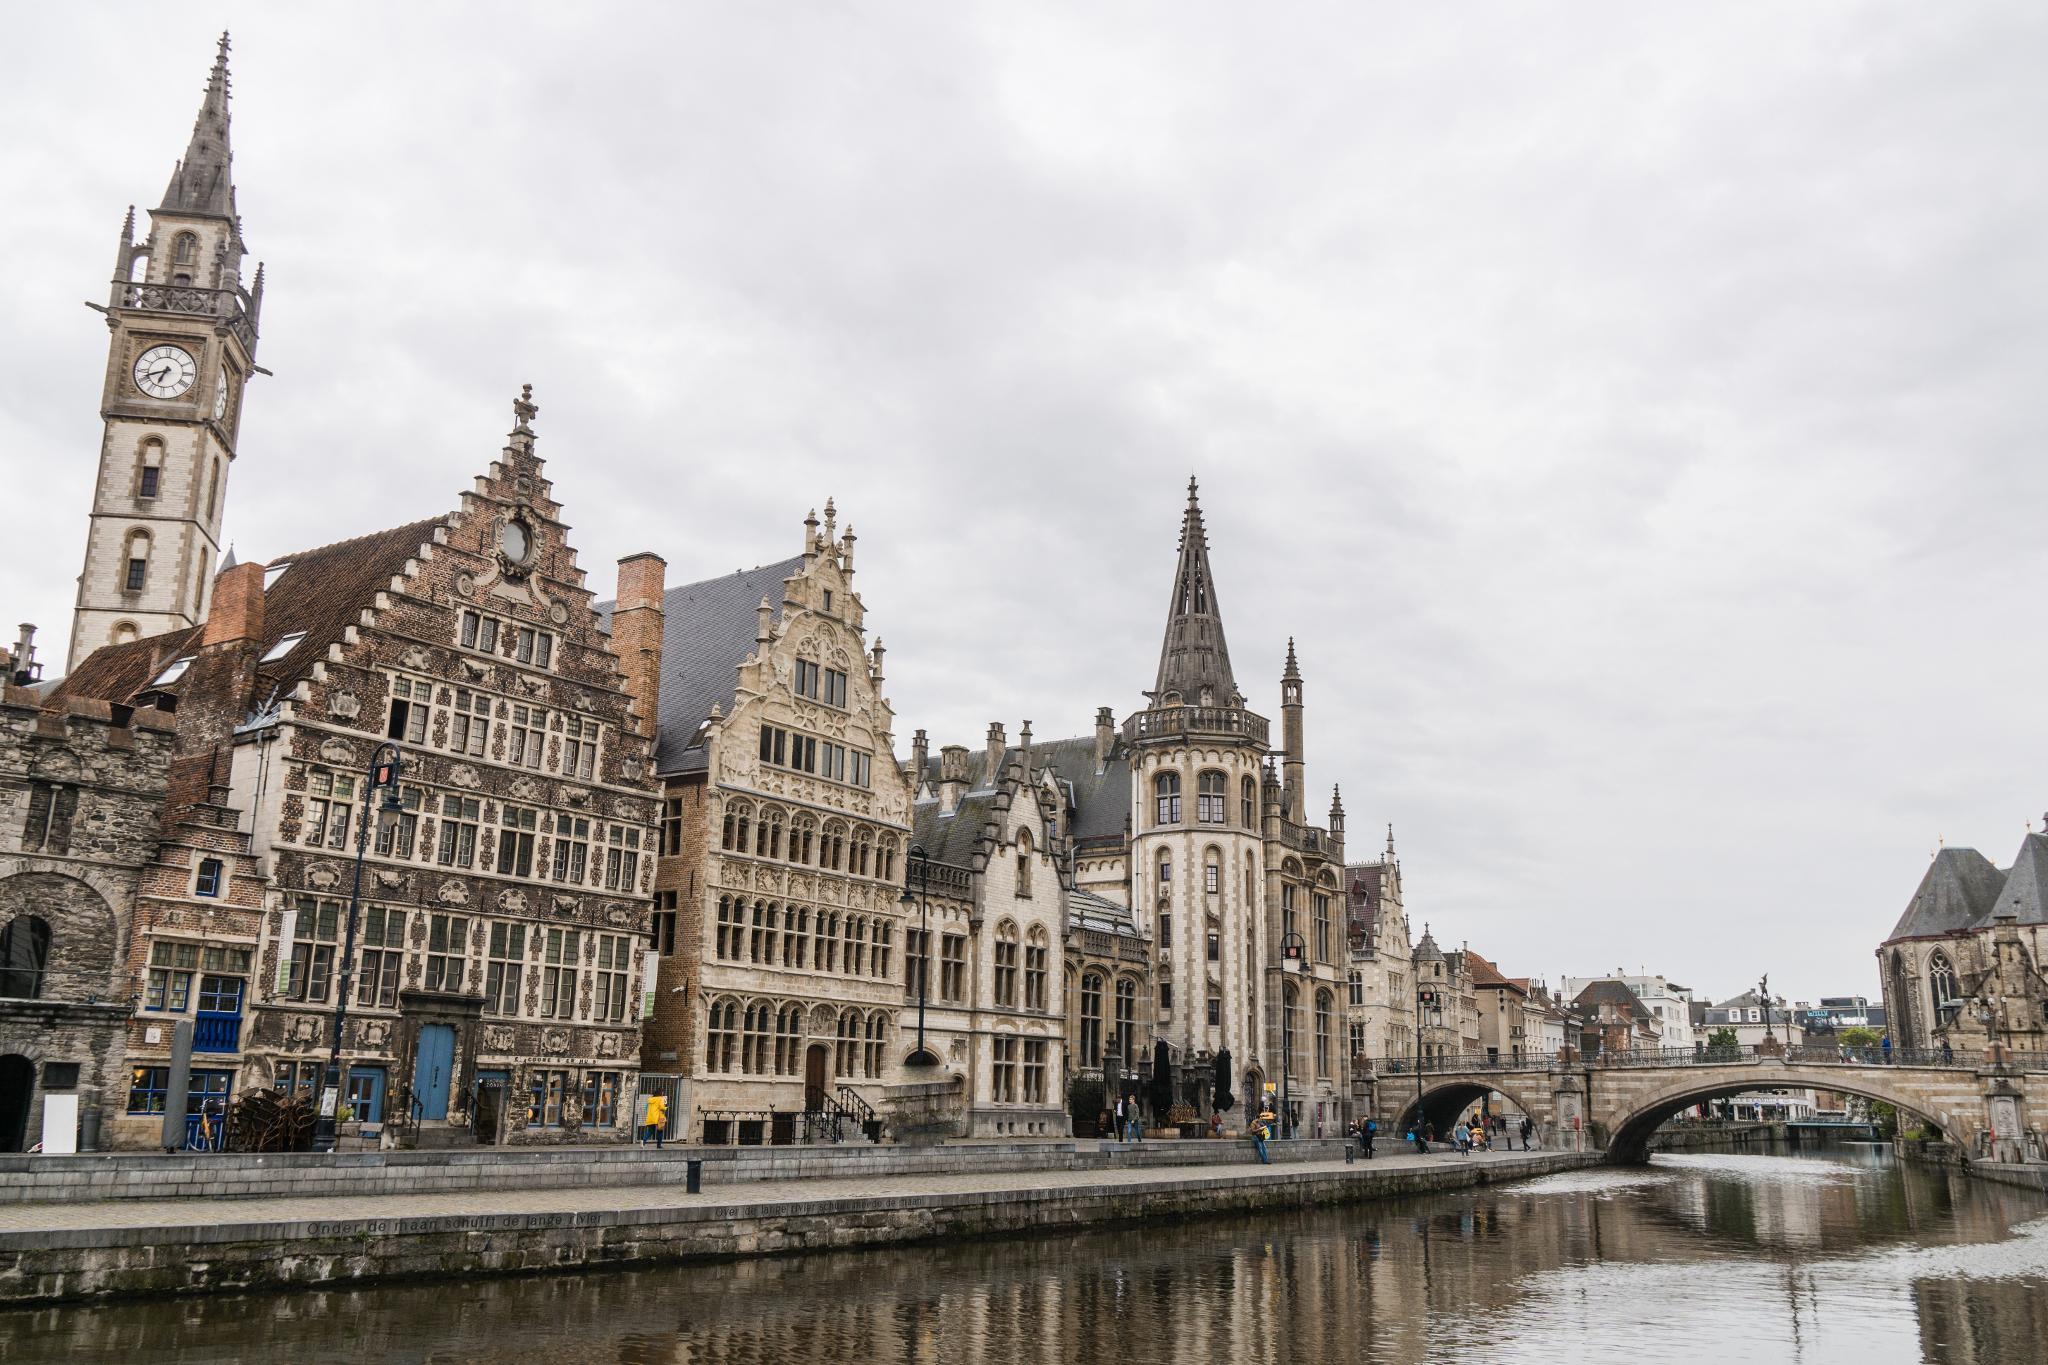 【比利時】穿梭中世紀的大城小事 — 比利時根特 (Ghent) 散步景點總整理 96